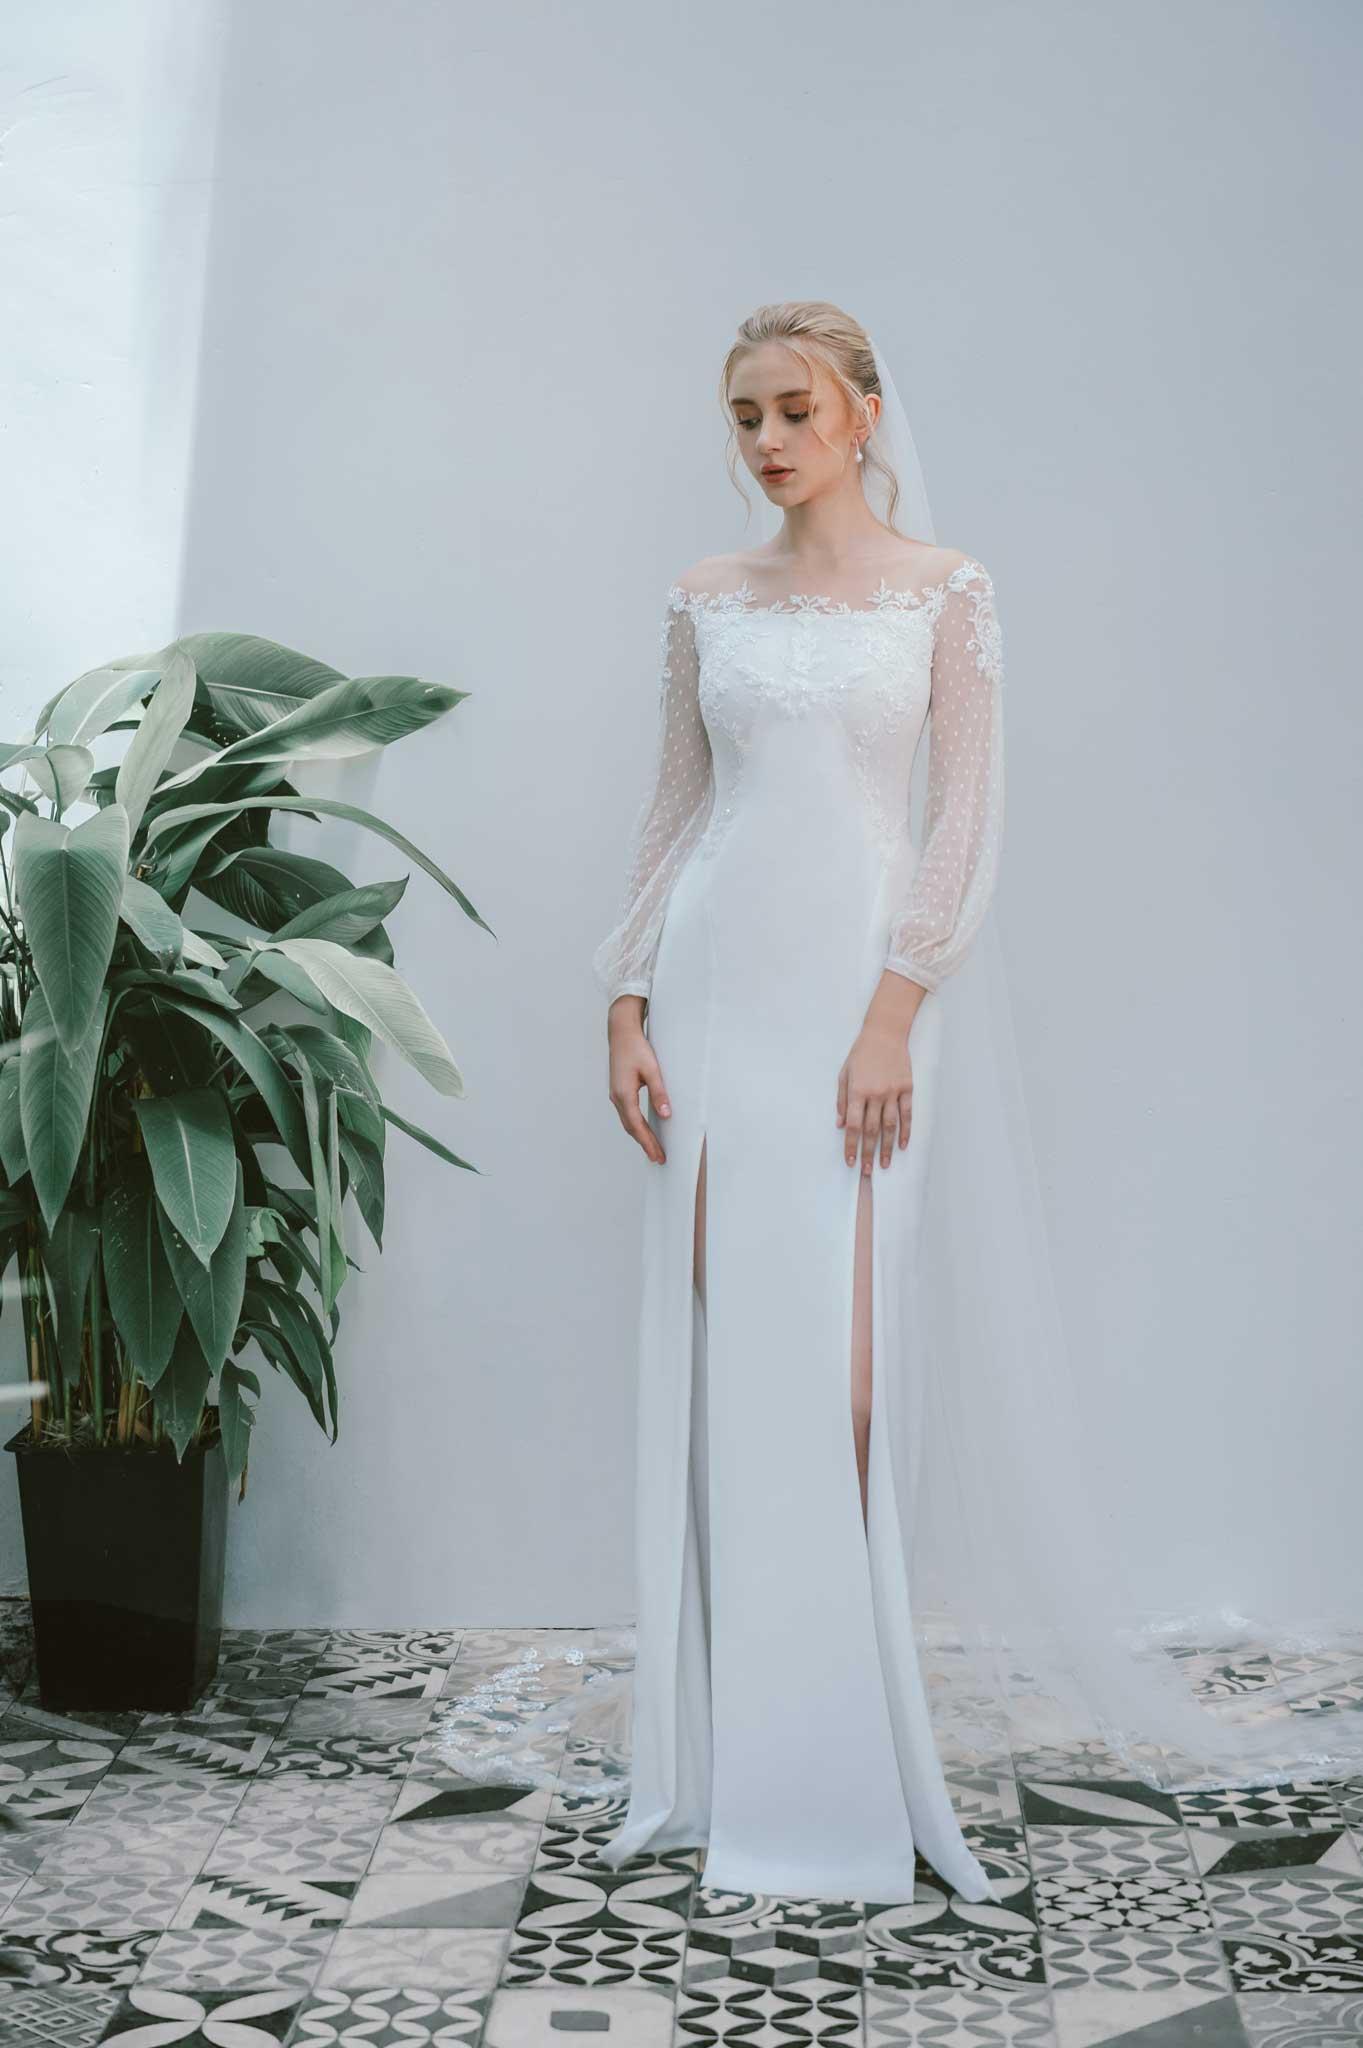 Váy cưới tay phồng màu trắng của NTK Trương Thanh Hải